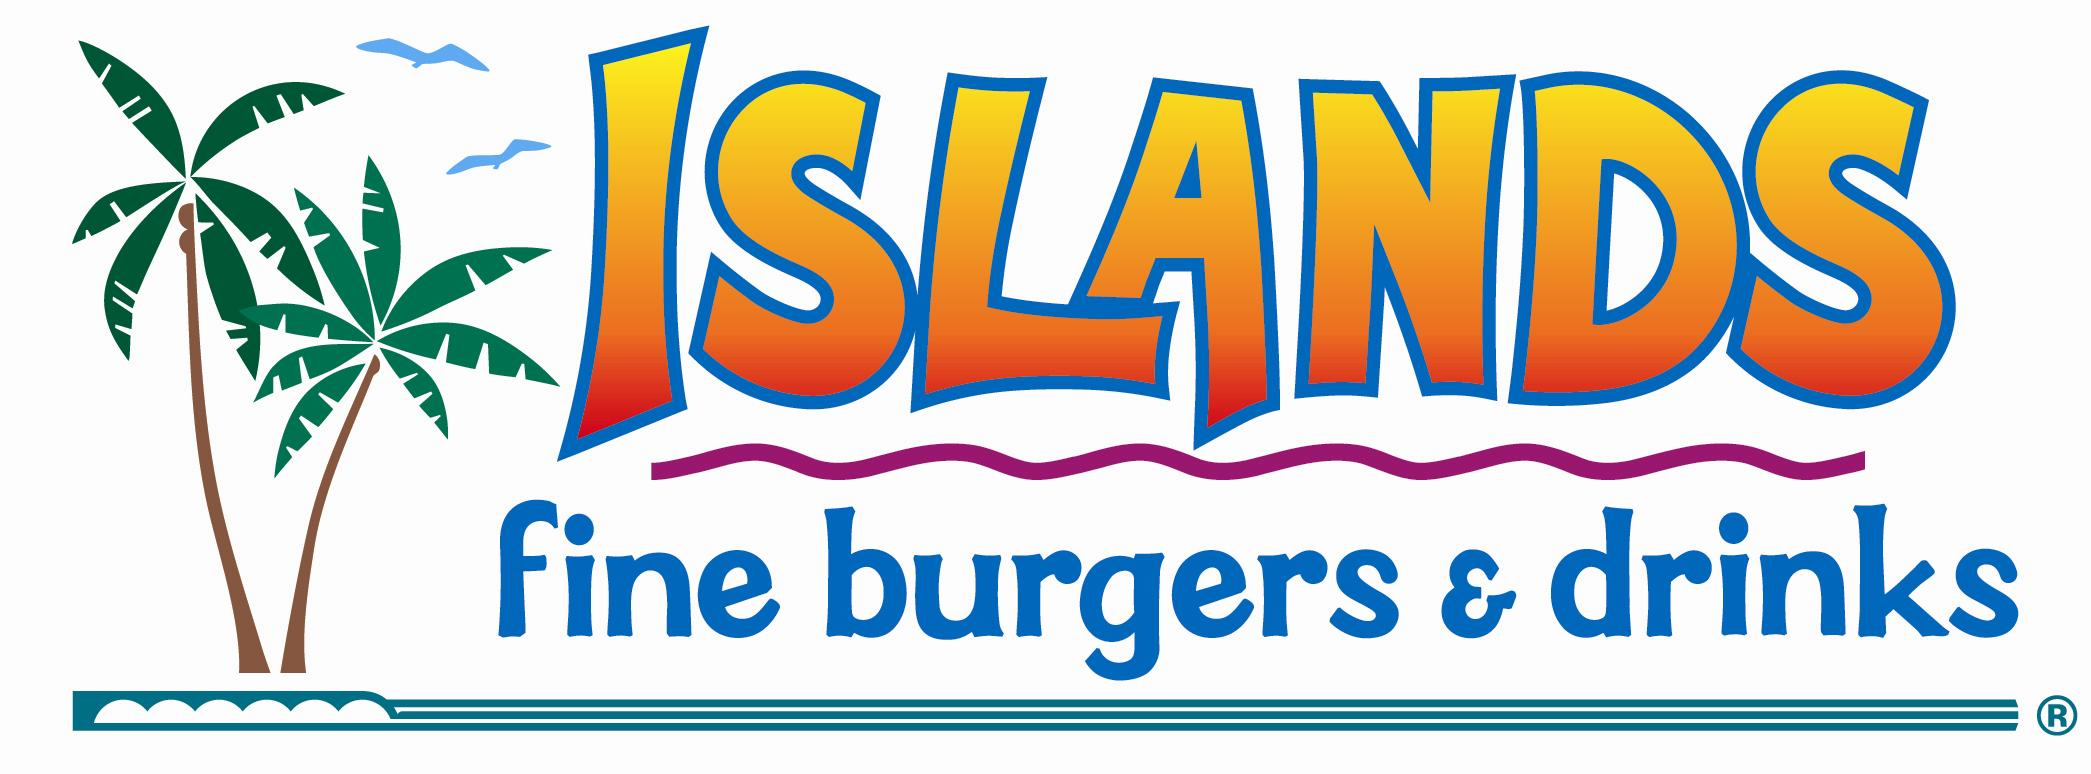 https://www.islandsrestaurants.com/